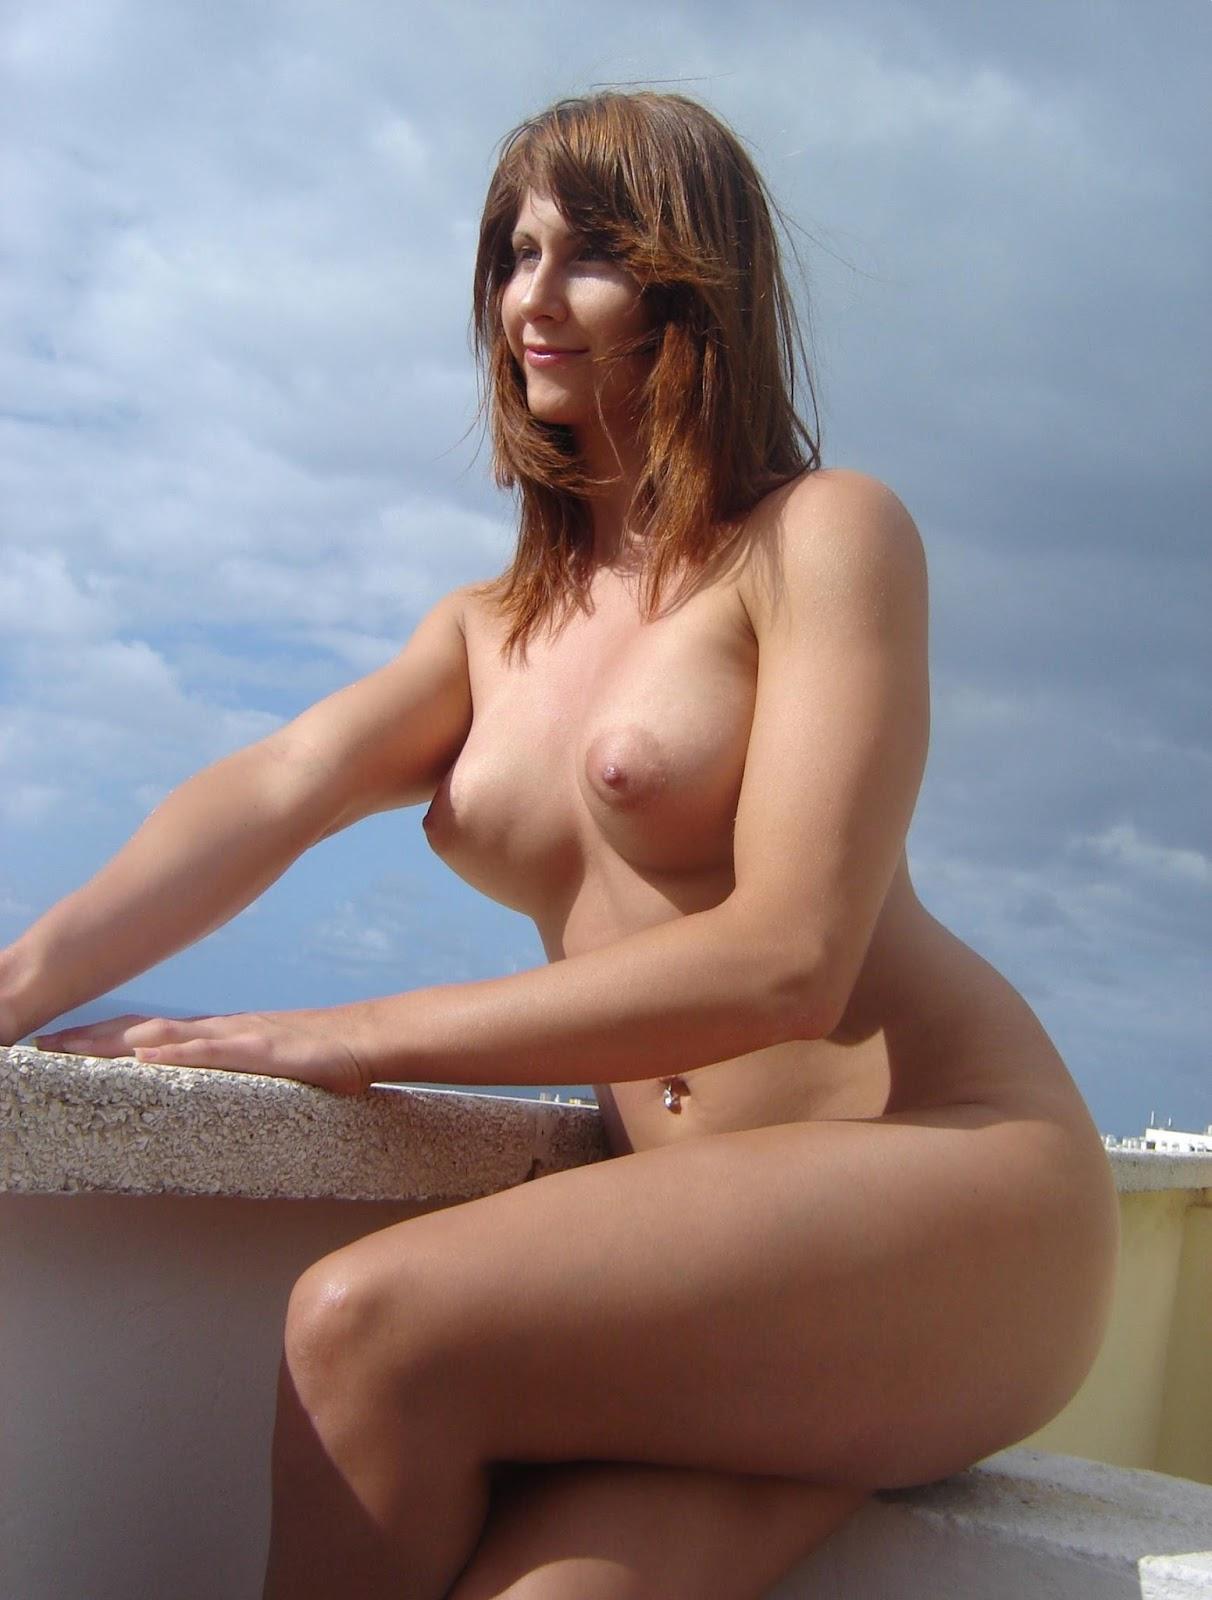 escorte trondheim erotiske filmer på nett